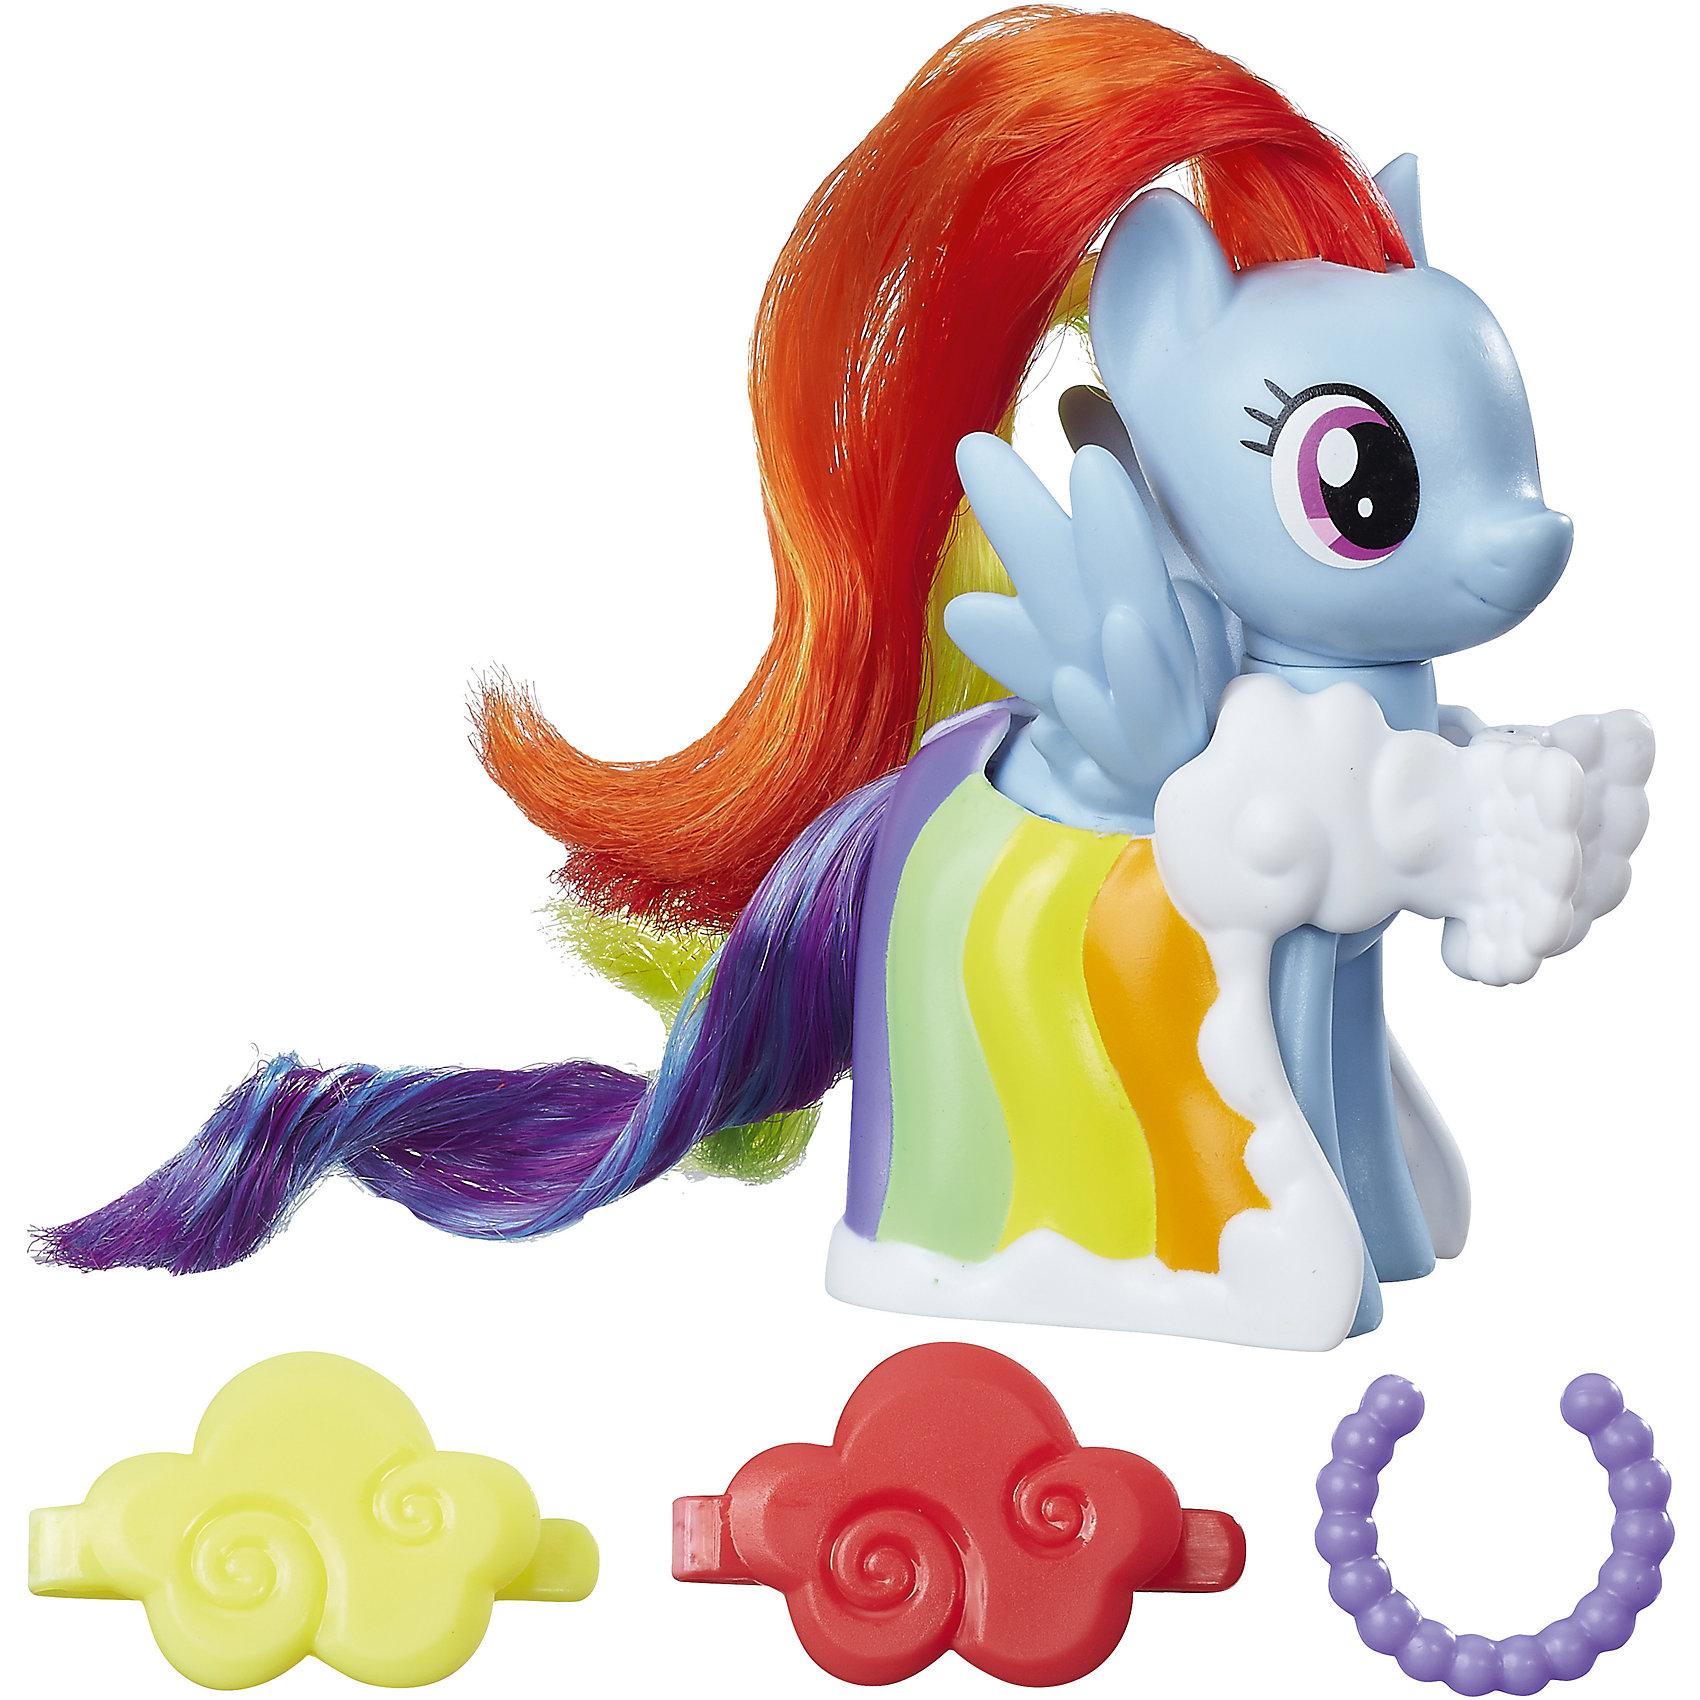 Игровой набор Hasbro My little Pony Пони-модницы, Рейнбоу ДэшПопулярные игрушки<br>Характеристики товара:<br><br>• возраст: от 3 лет;<br>• материал: пластик;<br>• в комплекте: фигурка пони, аксессуары;<br>• размер фигурки: 8 см;<br>• размер упаковки: 18,4х17,8х4,8 см;<br>• вес упаковки: 145 гр.;<br>• страна производитель: Китай.<br><br>Игровой набор «Пони-модницы» My Little Pony Hasbro создан по мотивам известного мультсериала. В наборе фигурка пони Рейнбоу Дэш с разноцветной гривой и костюмом цветов радуги. Стильные аксессуары дополнят образ маленькой пони. Мягкий хвостик и гриву можно расчесывать, заплетать, украшать, придумывая каждый раз новый оригинальный образ. <br><br>Игровой набор «Пони-модницы» My Little Pony Hasbro B8810/B9622 можно приобрести в нашем интернет-магазине.<br><br>Ширина мм: 48<br>Глубина мм: 178<br>Высота мм: 184<br>Вес г: 145<br>Возраст от месяцев: 36<br>Возраст до месяцев: 2147483647<br>Пол: Женский<br>Возраст: Детский<br>SKU: 6674411